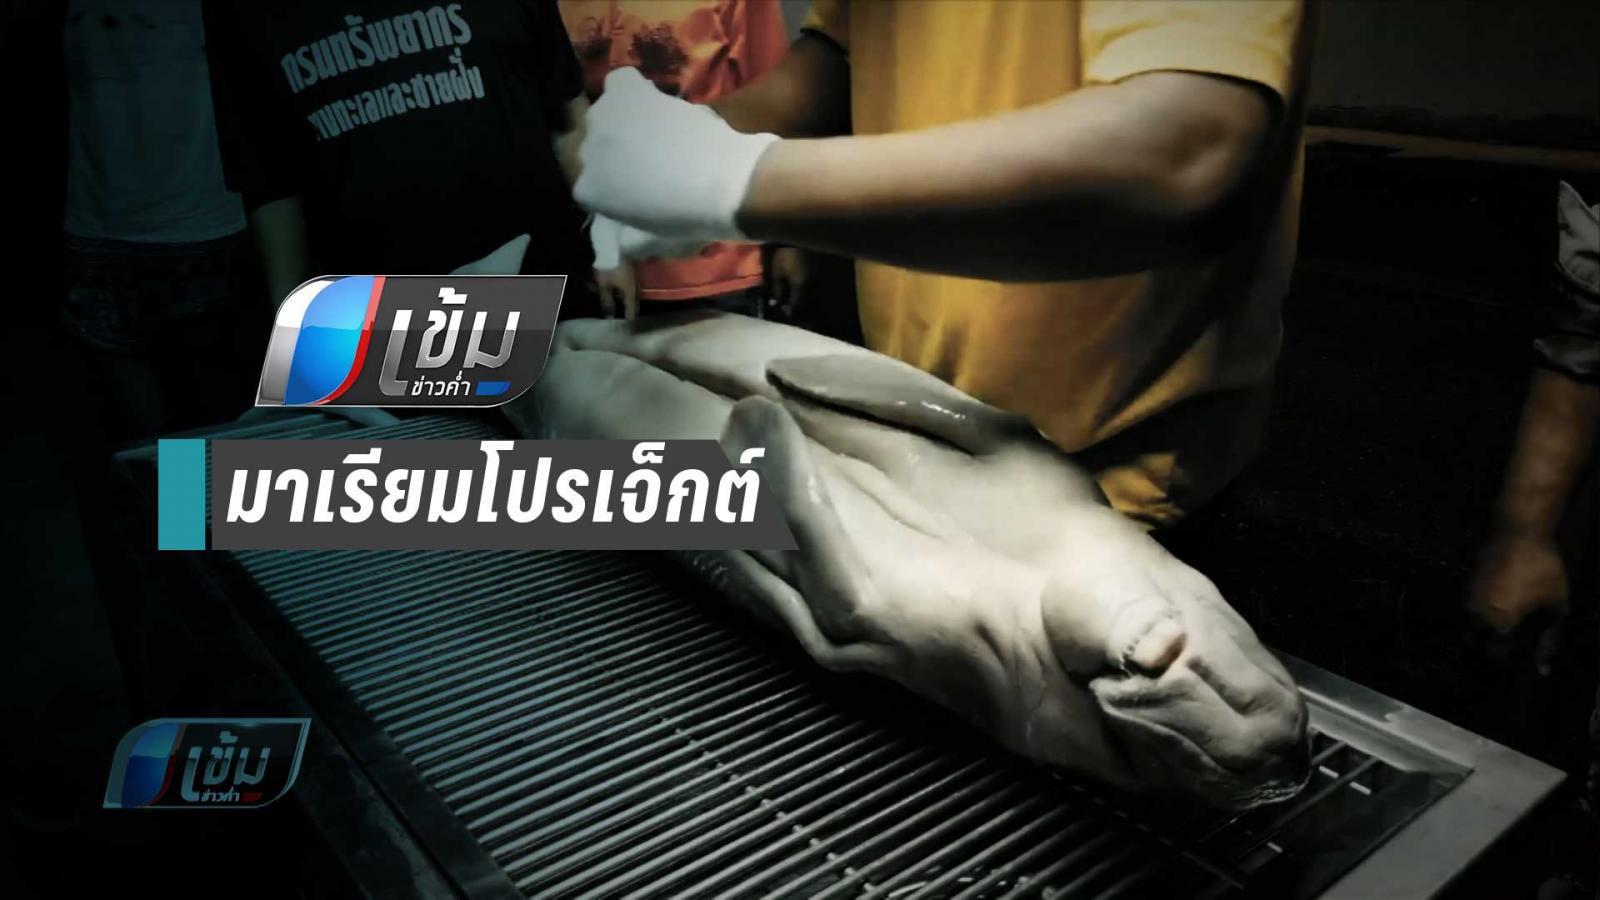 ถุงพลาสติกฆ่าชีวิตสัตว์ทะเล